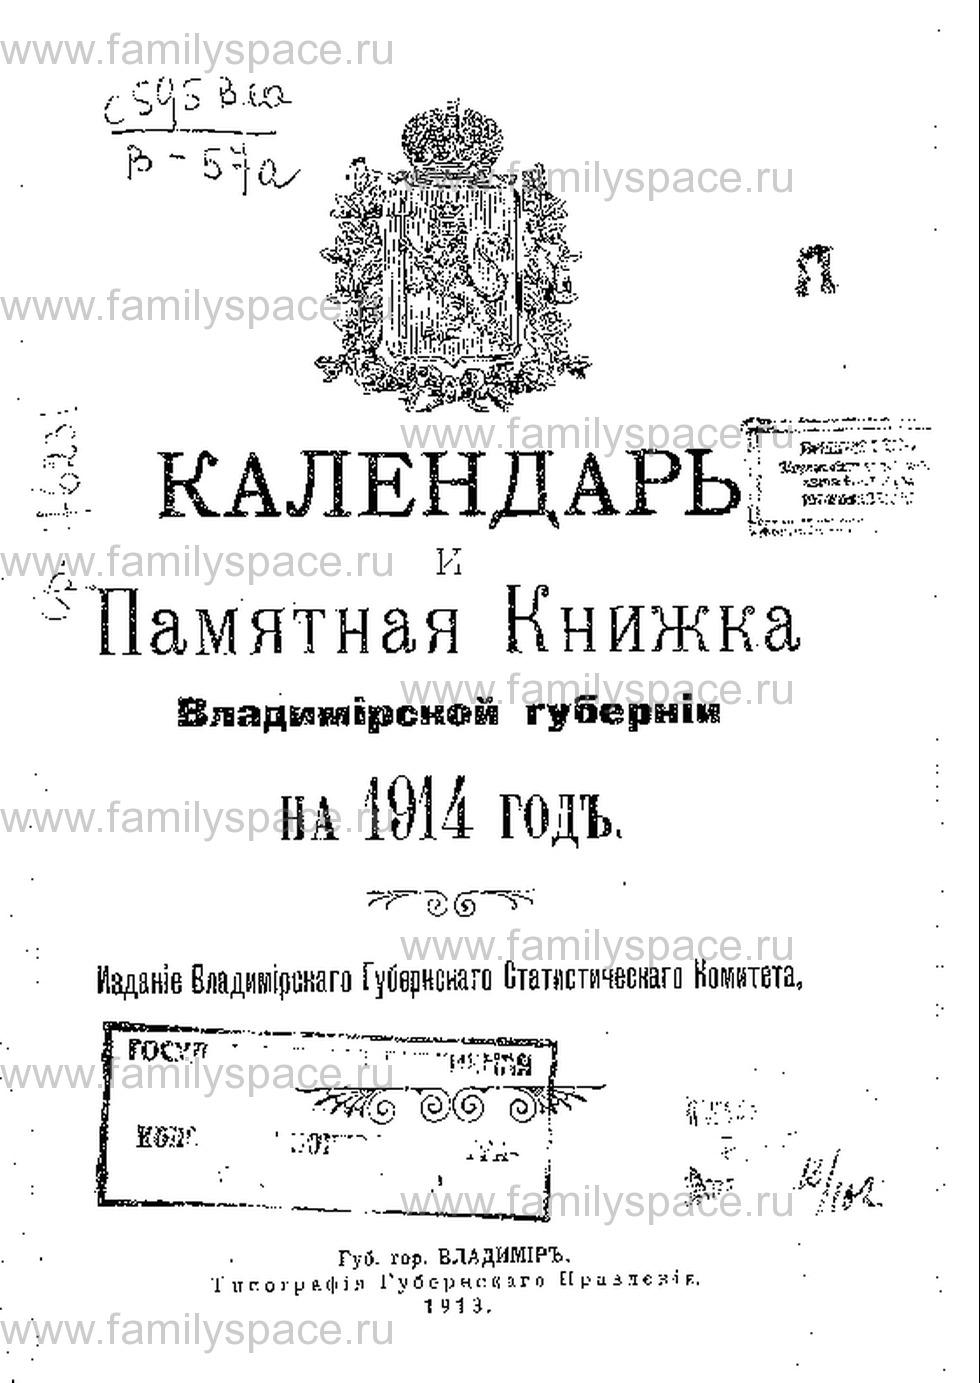 Поиск по фамилии - Календарь и памятная книжка Владимирской губернии на 1914 г, страница 1